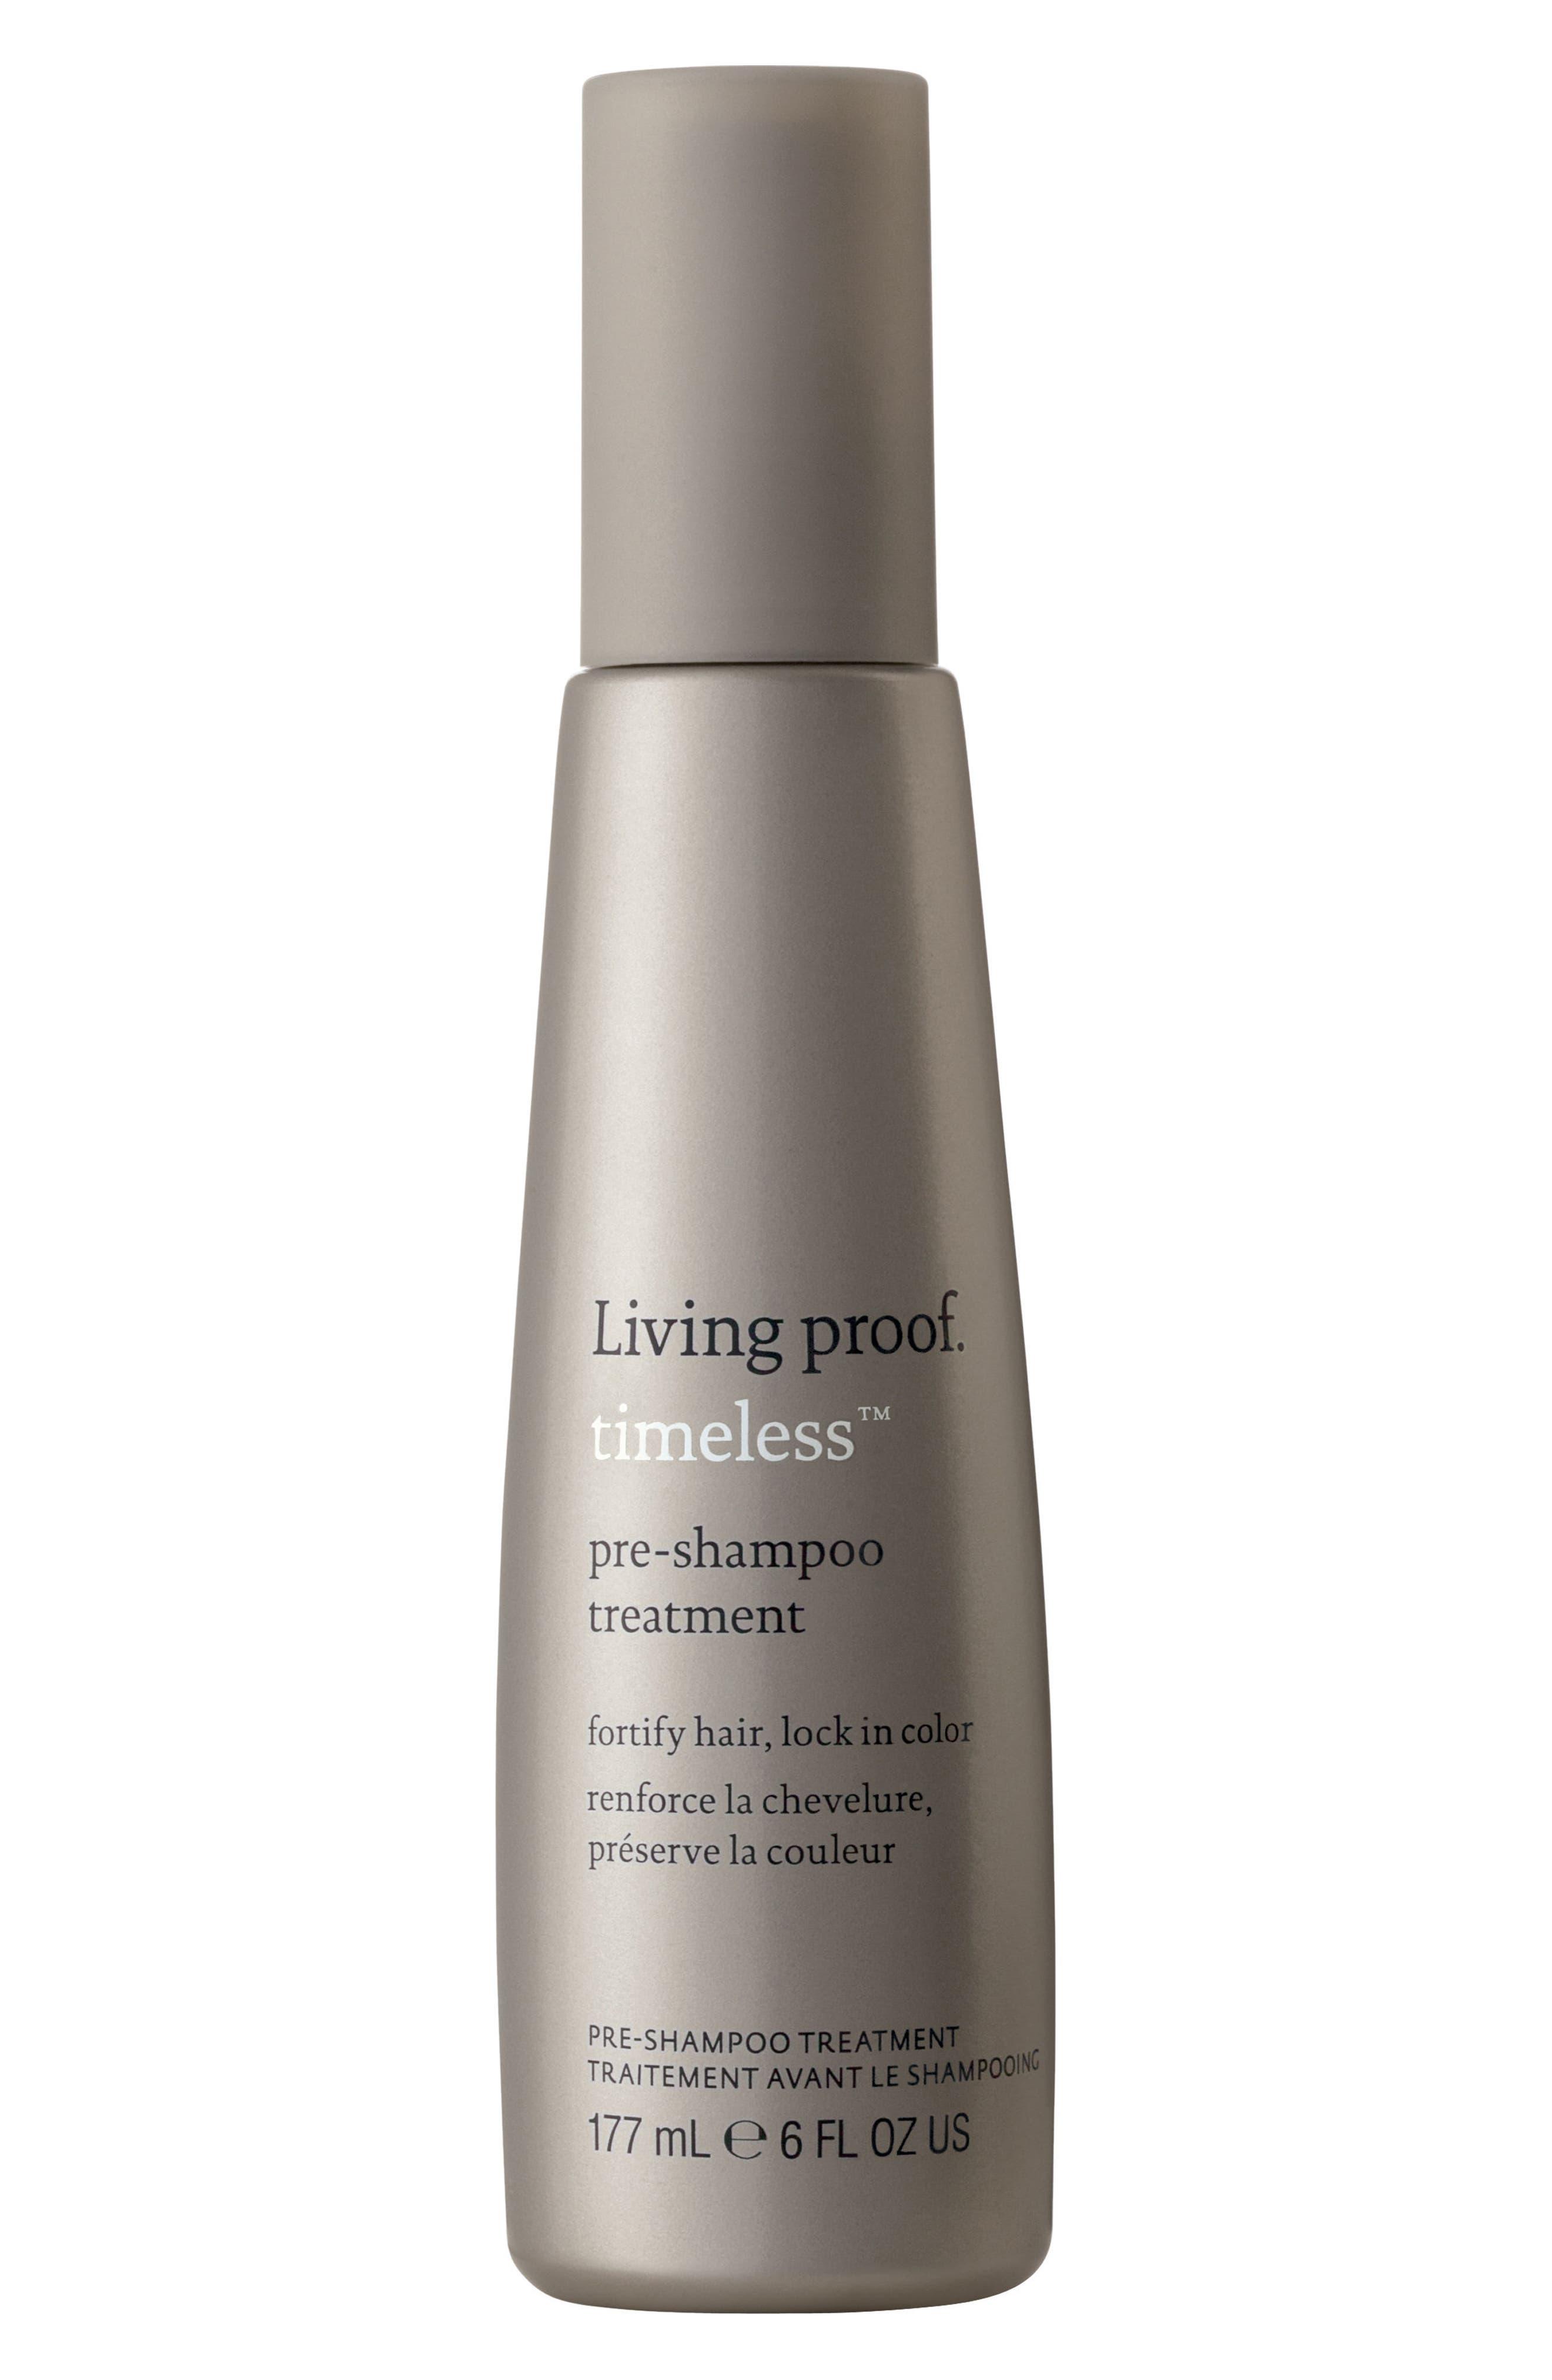 Main Image - Living proof® Timeless Pre-Shampoo Treatment